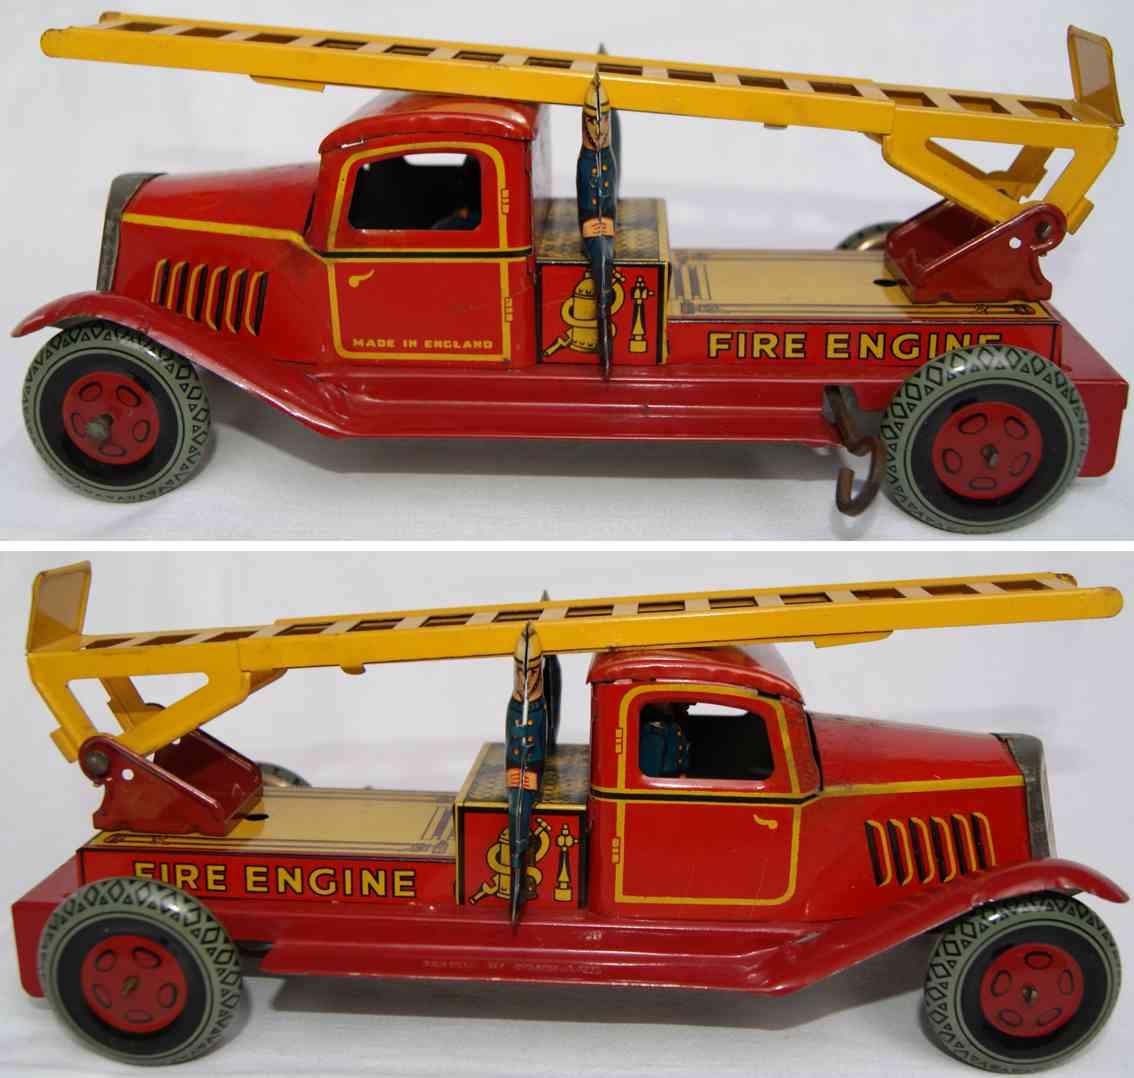 wells m141 blech spielzeug feuerwehrleiterwagen rot gelb